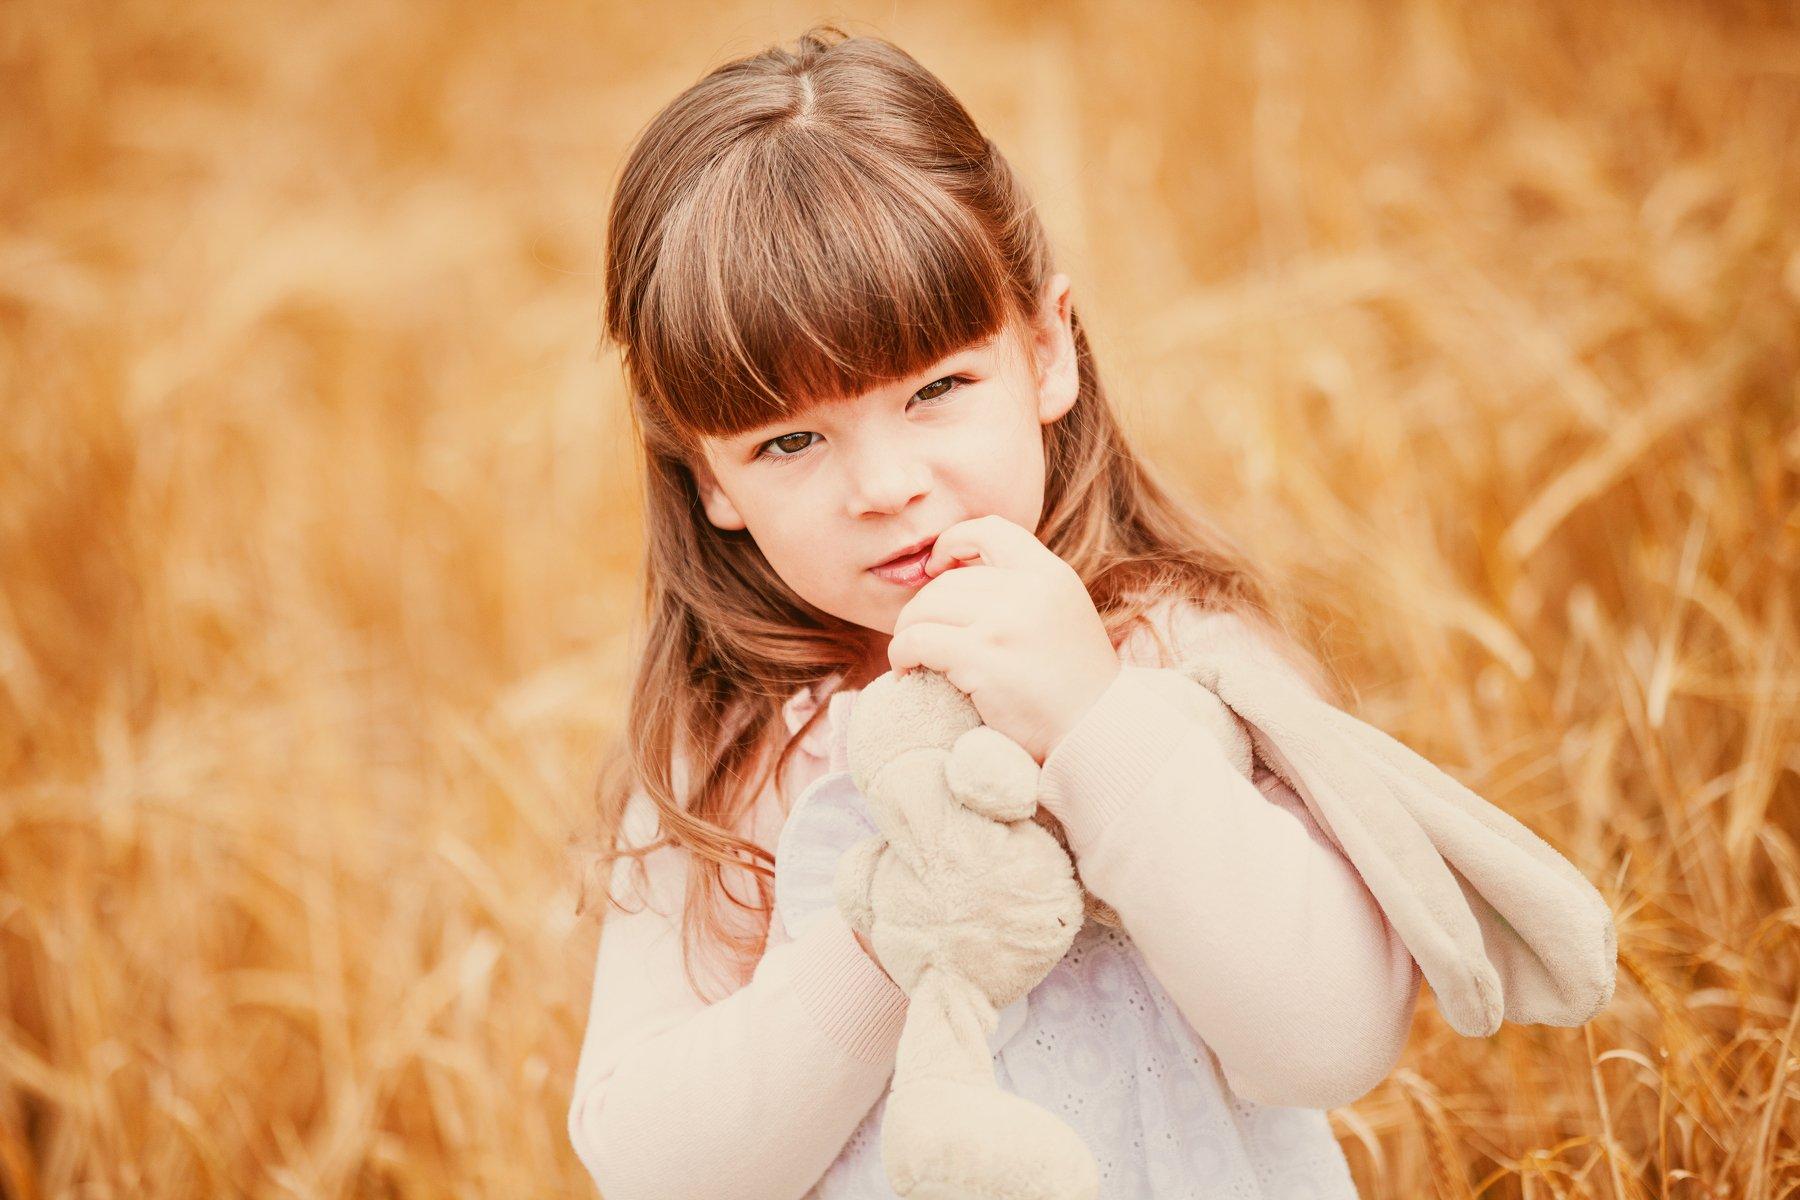 портрет,ребенок,лето,пшеница, Мария Монастырная